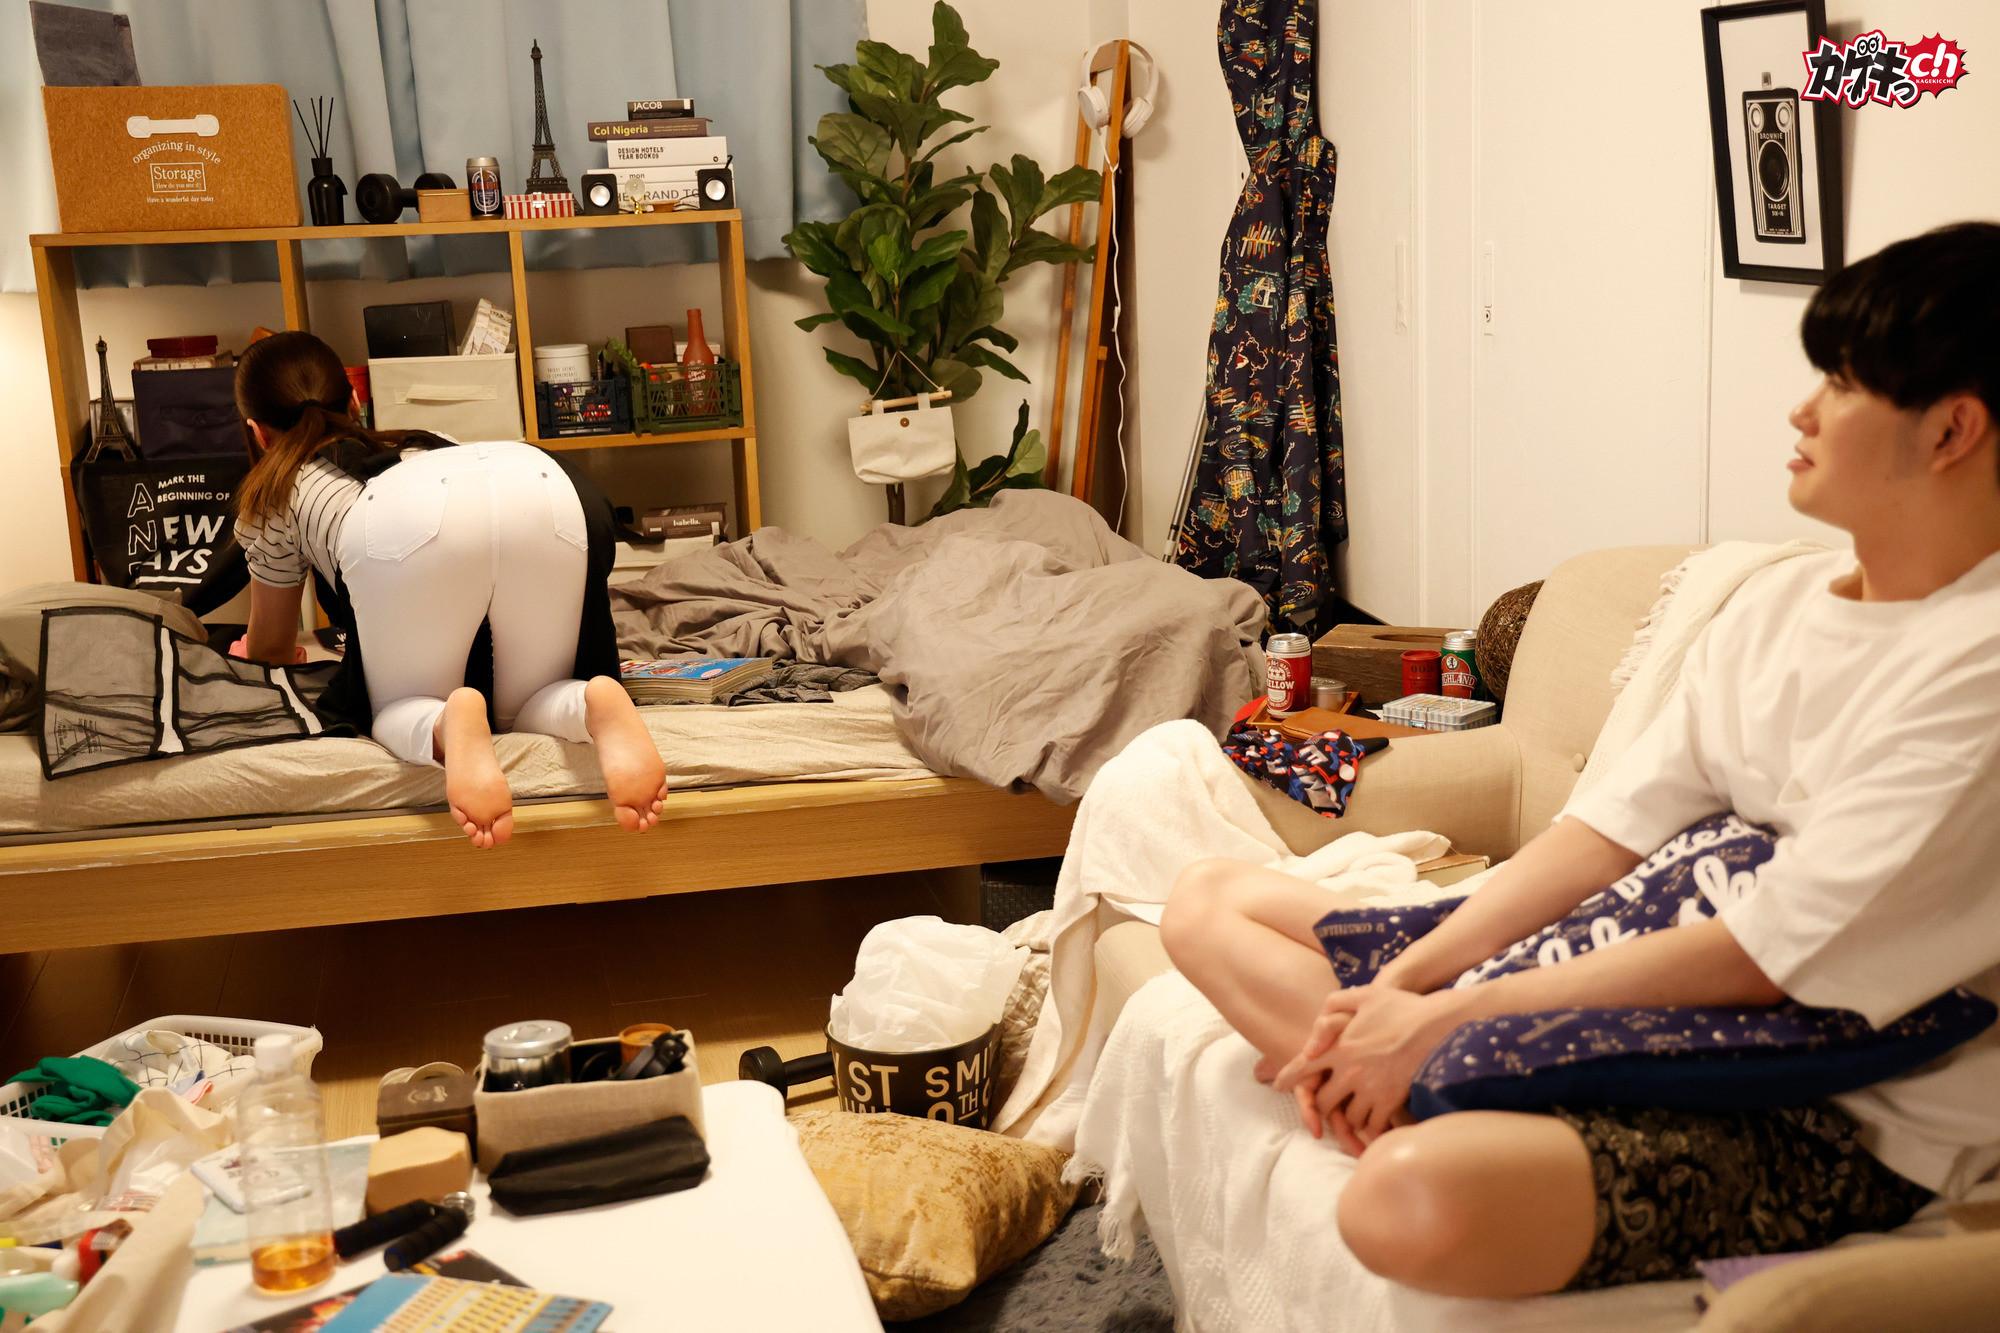 家事代行で来た女は、お掃除フェラまでしてくれる美尻人妻だった!?「旦那よりも大きいっつ!」と自らチ〇ポを求めるムチムチピタパン熟女